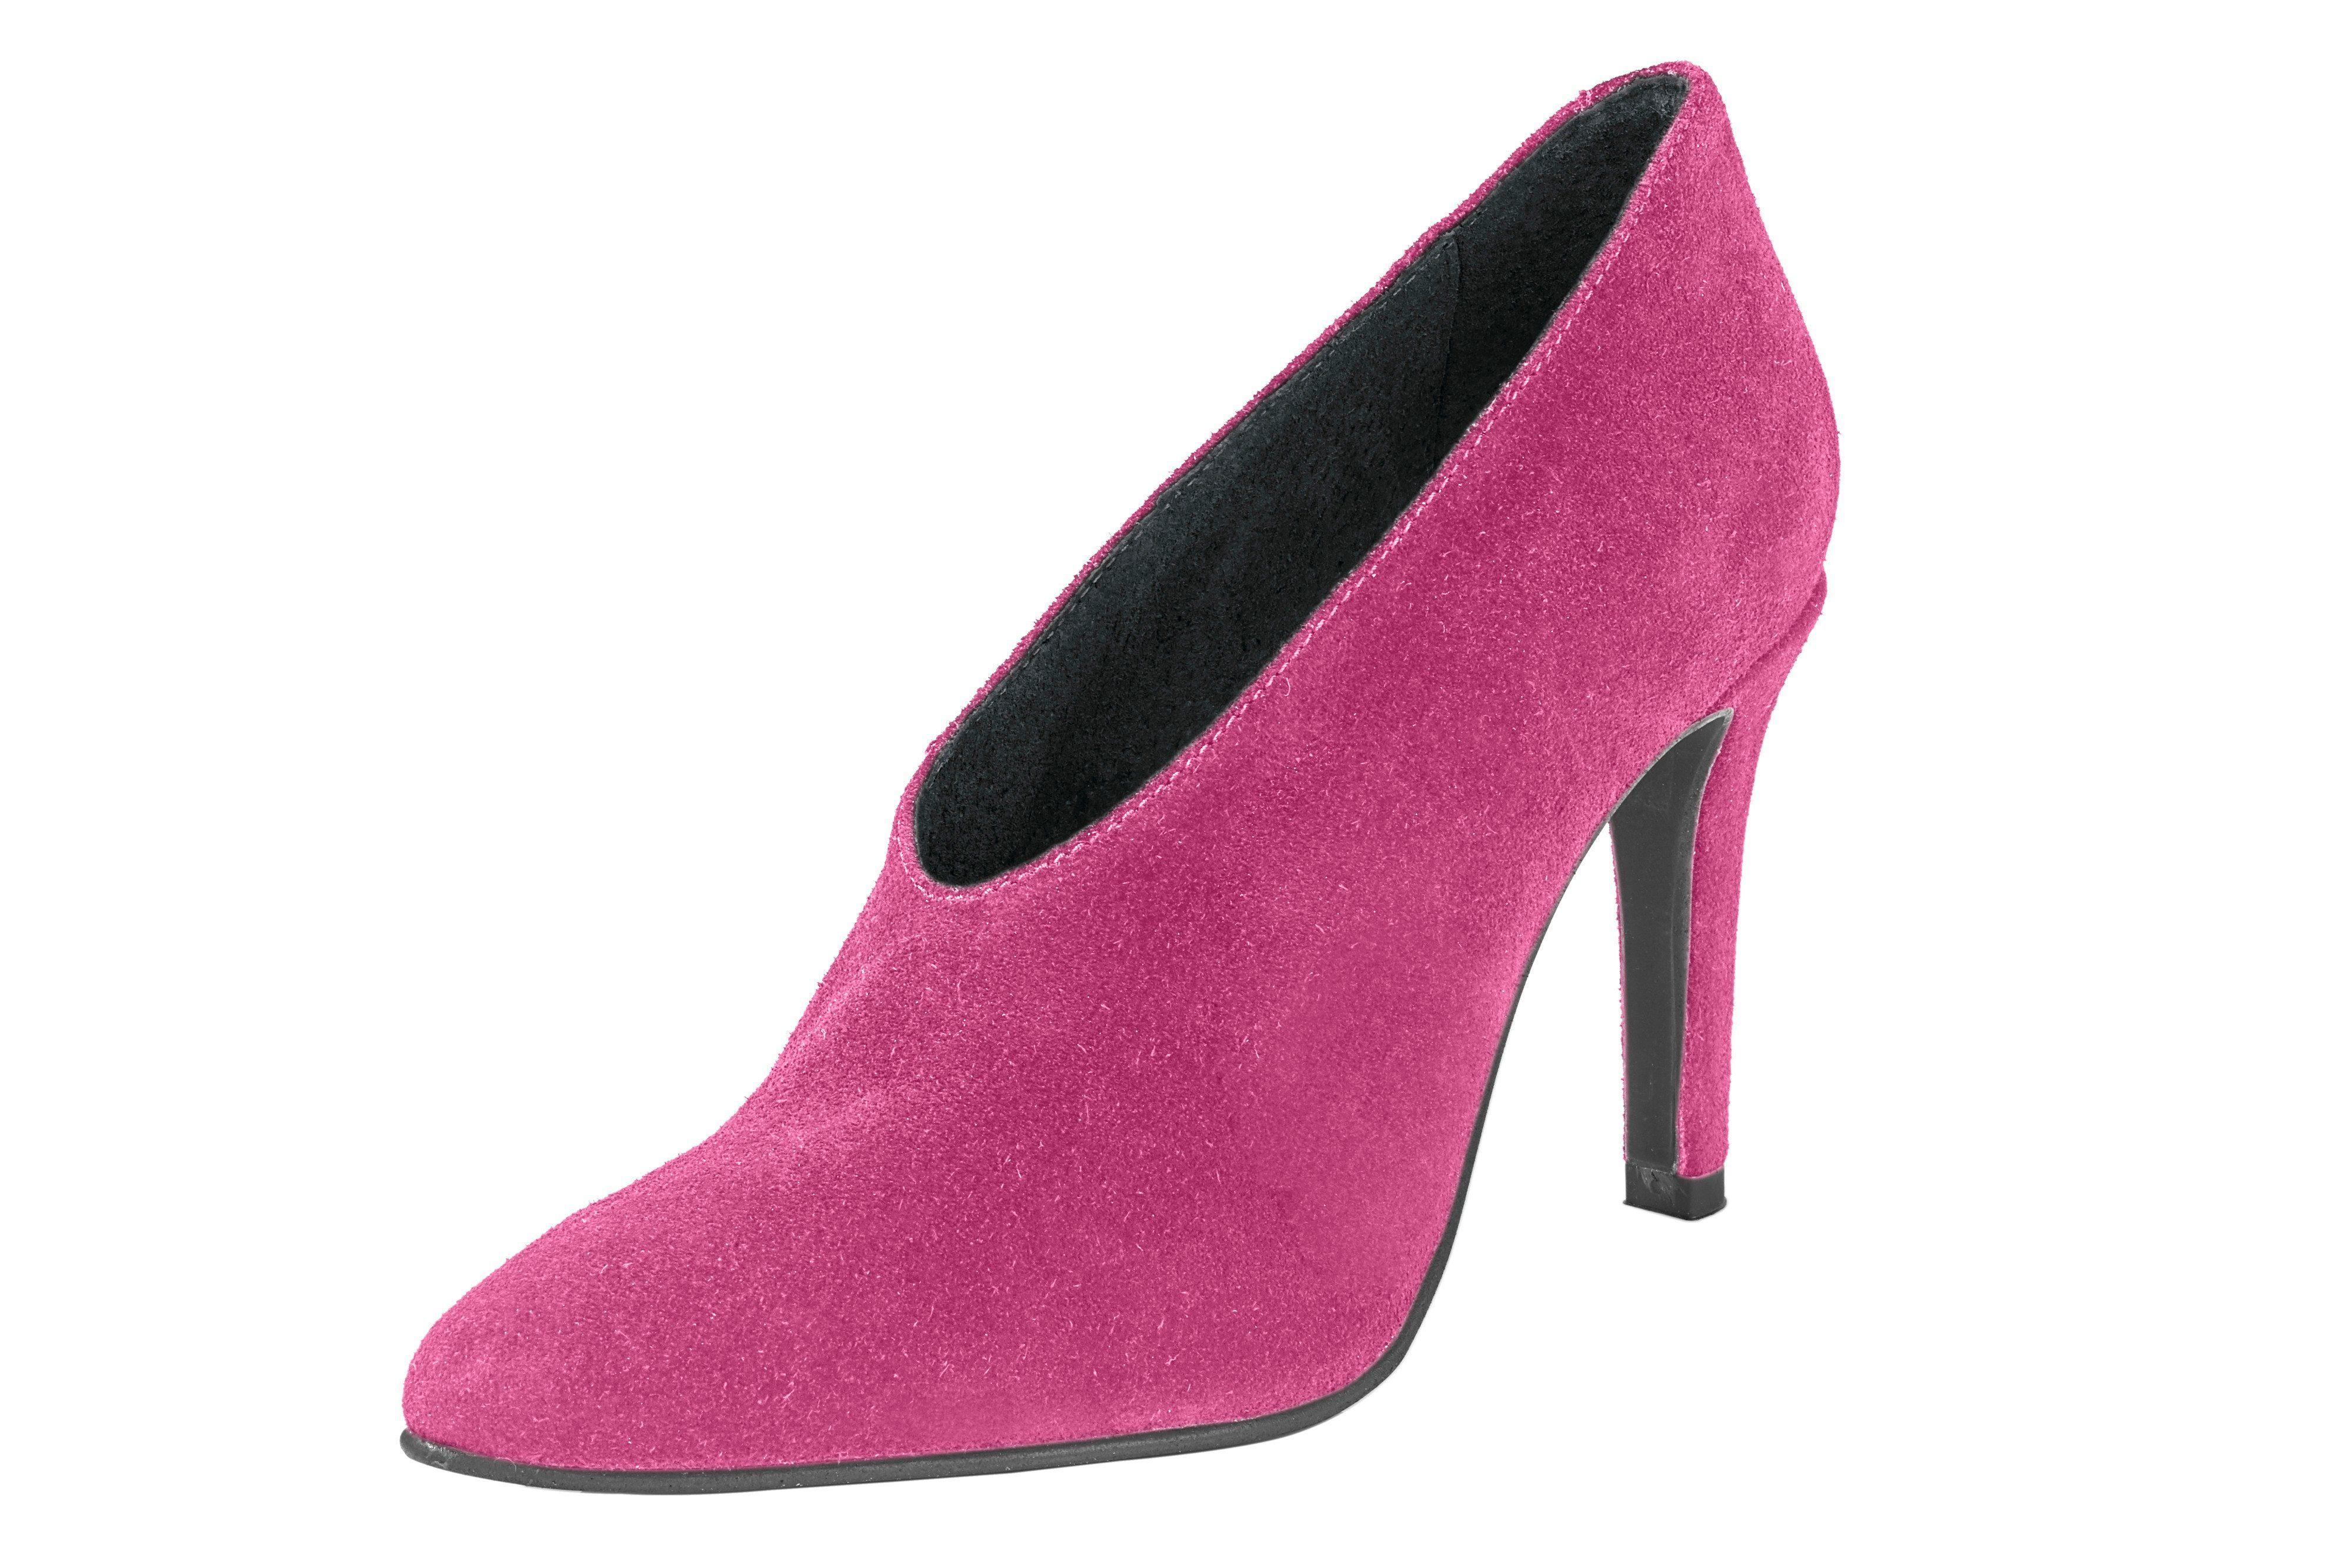 Heine Hochfrontpumps online kaufen  pink